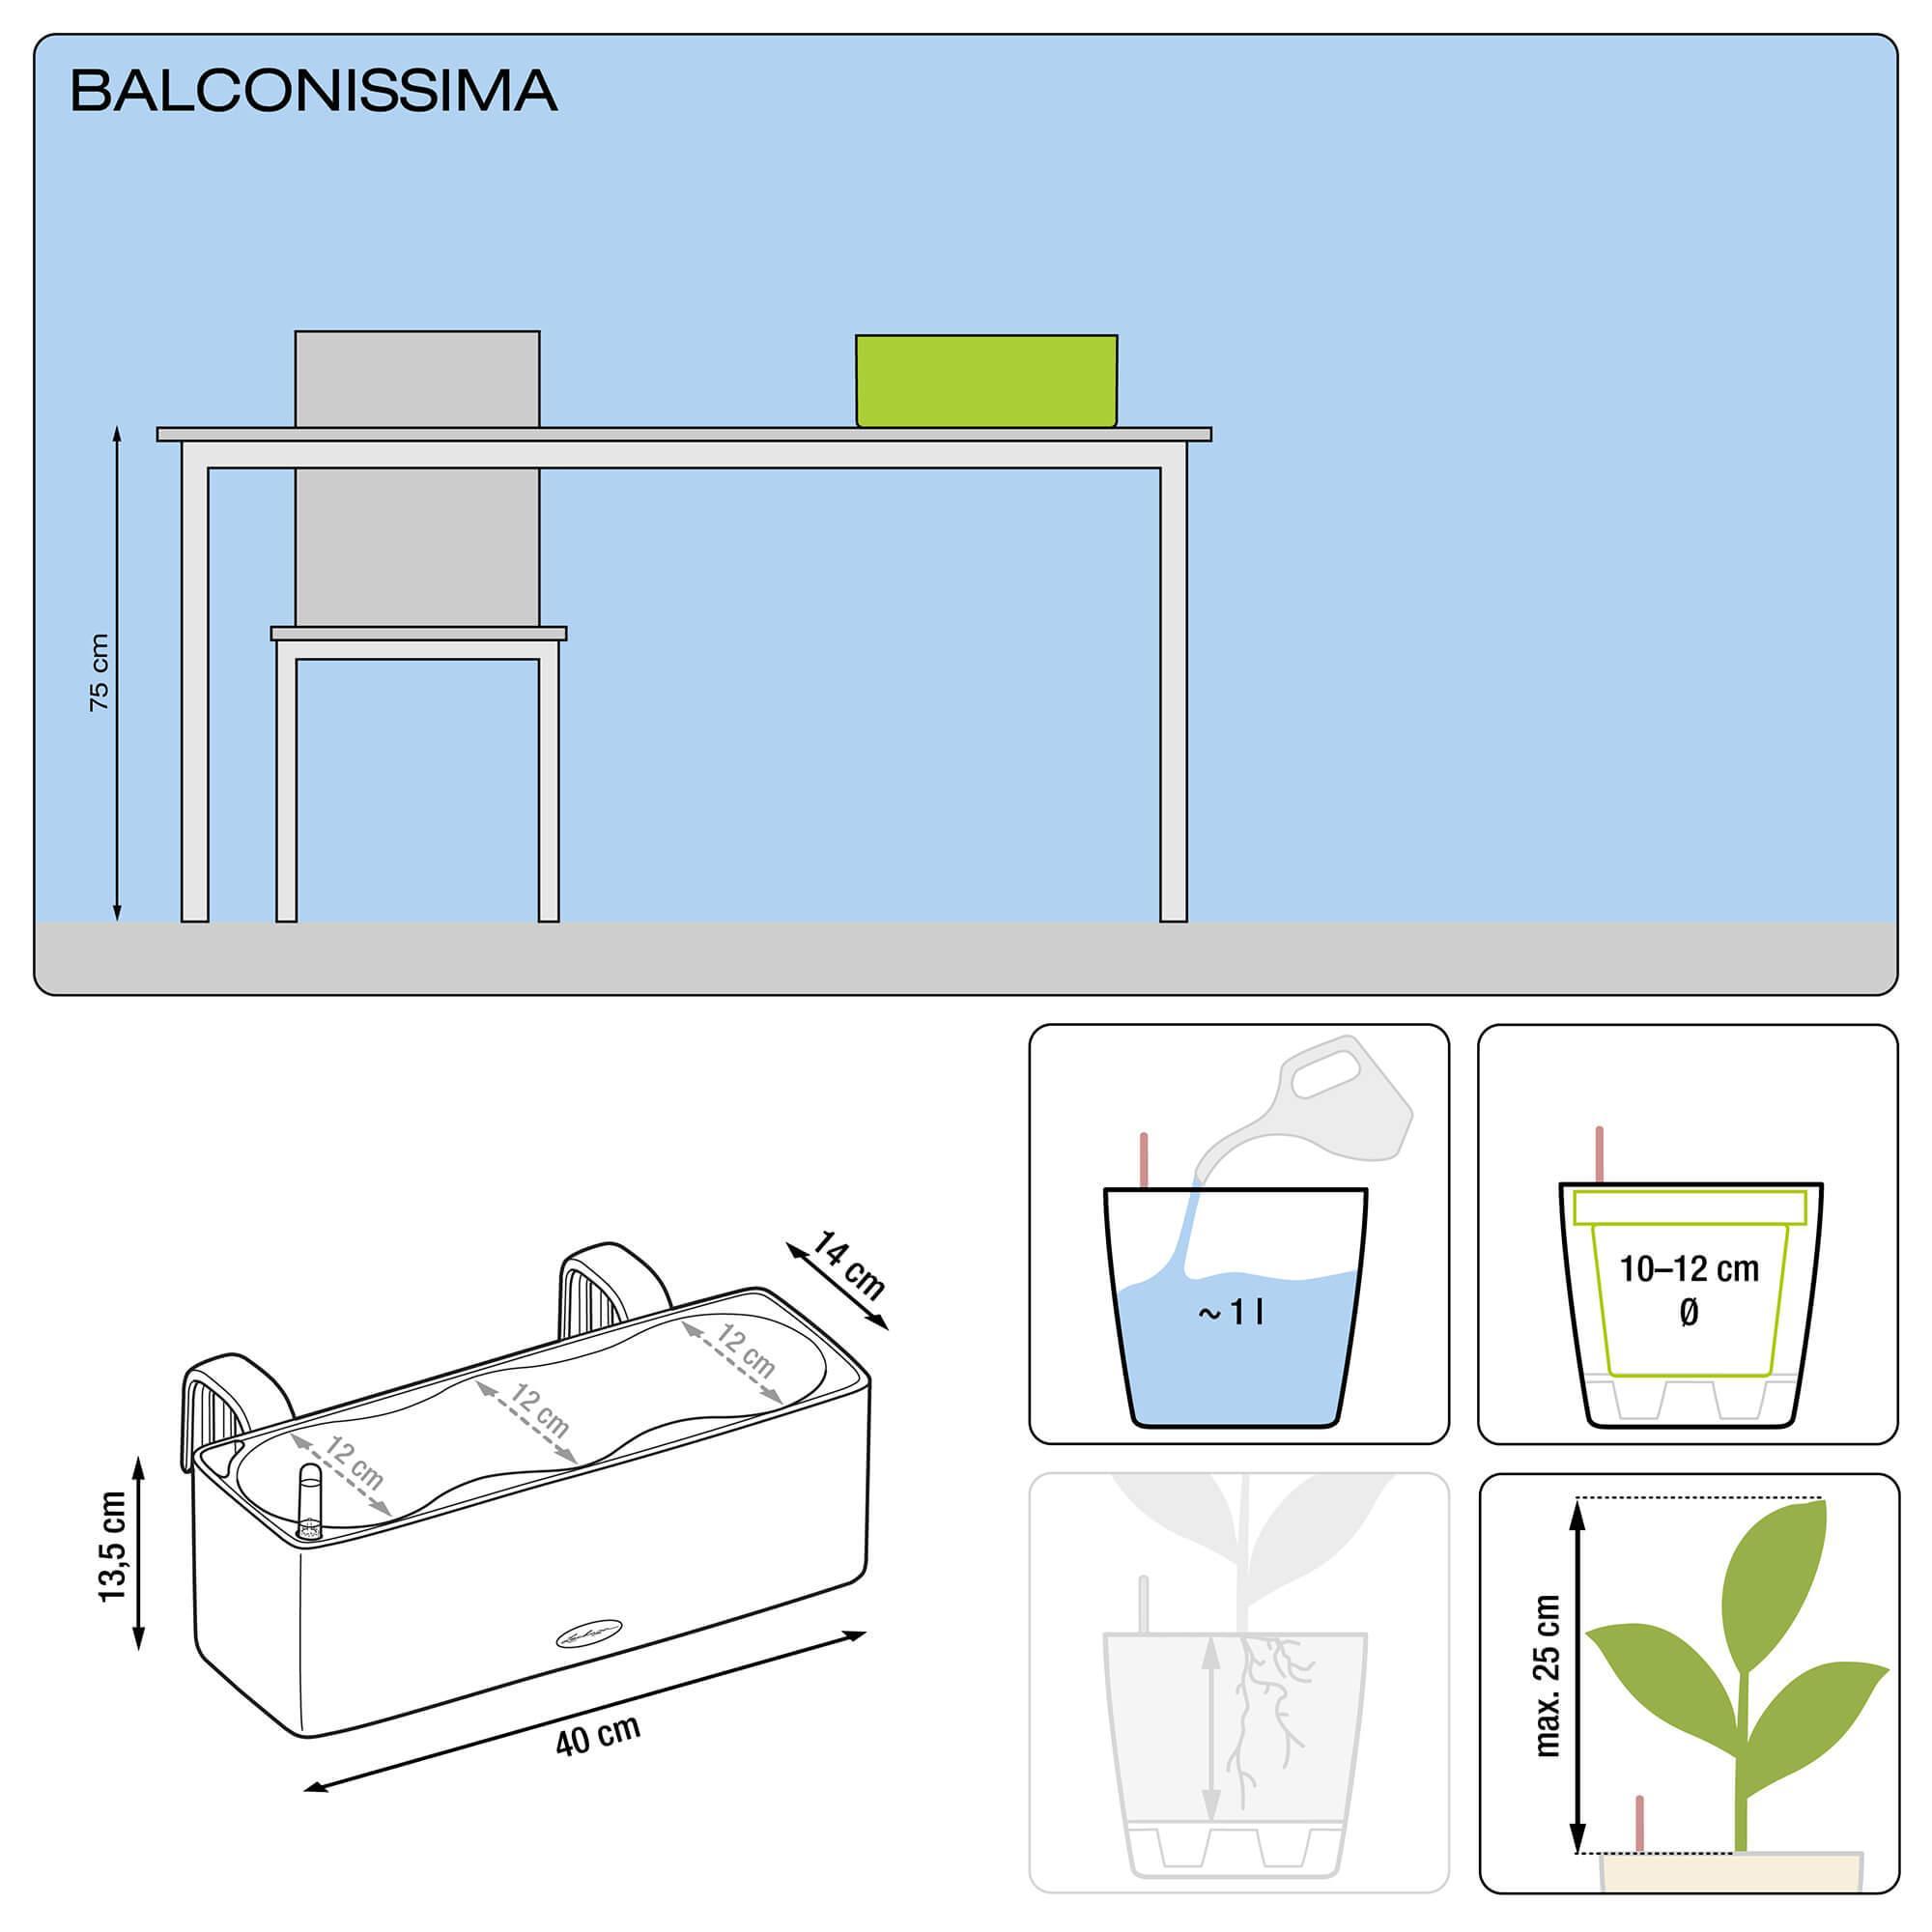 BALCONISSIMA Color white - Image 2